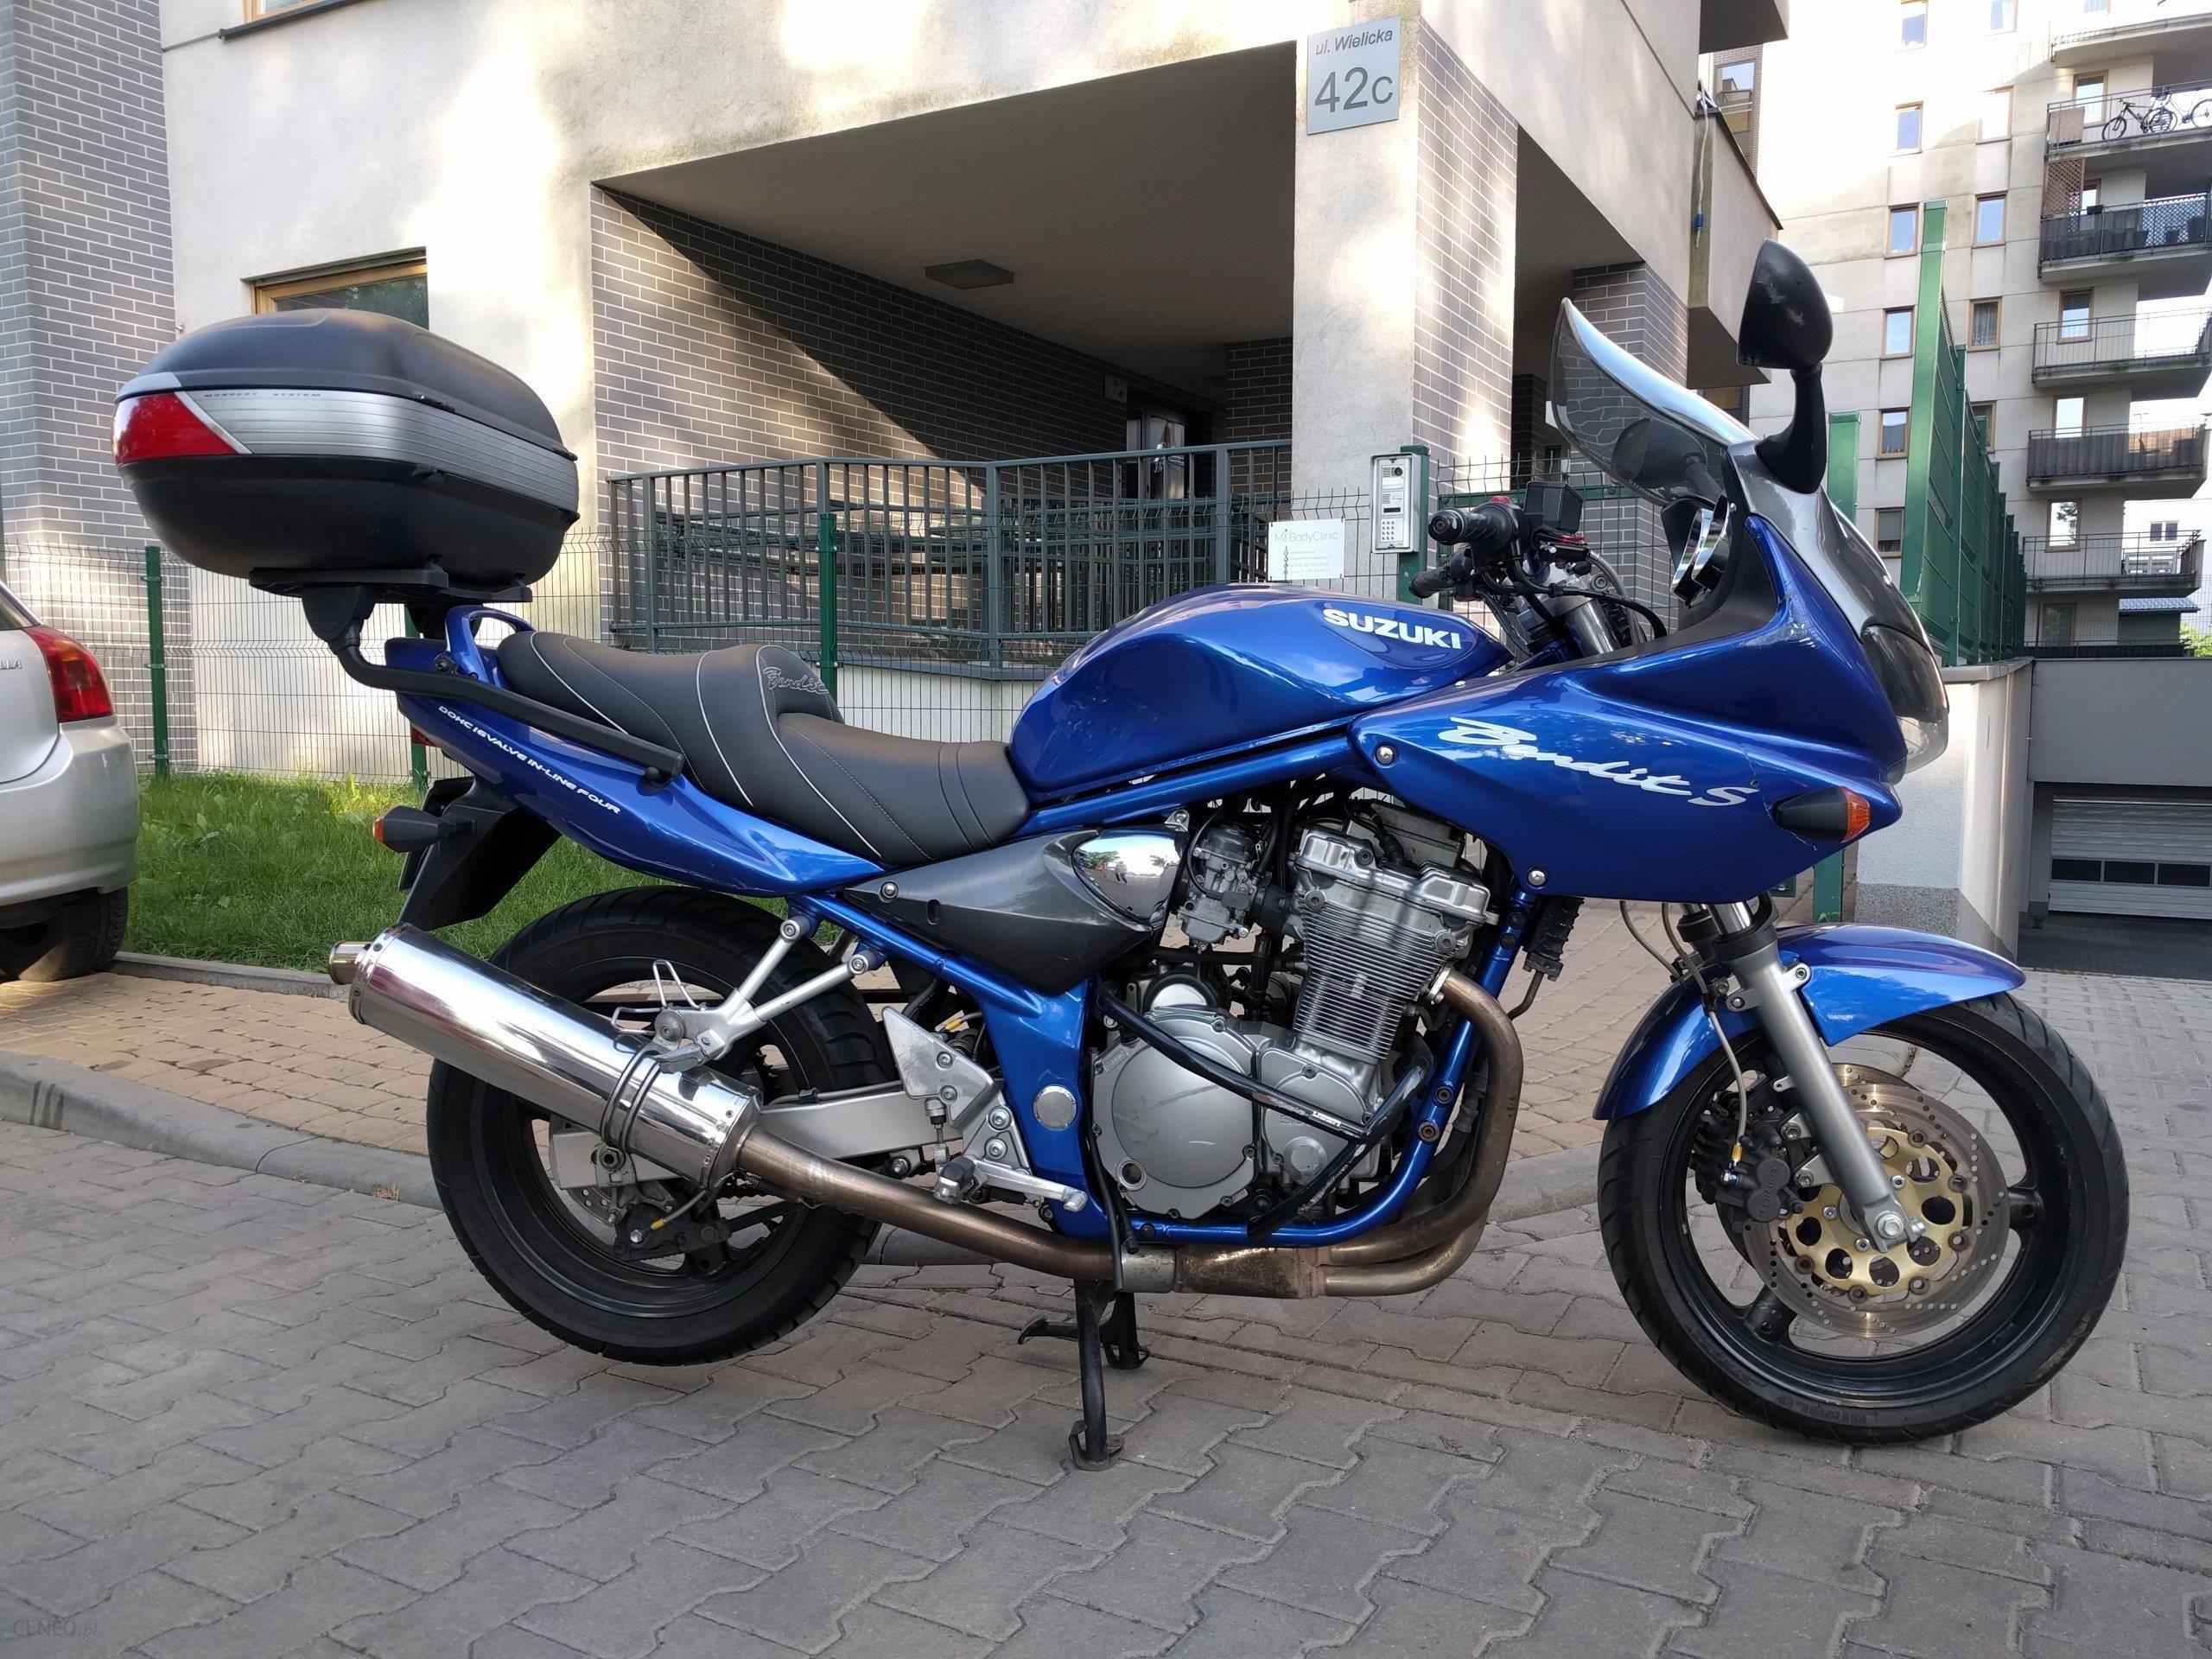 Suzuki Bandit 600 S Gsf600 Opinie I Ceny Na Ceneo Pl